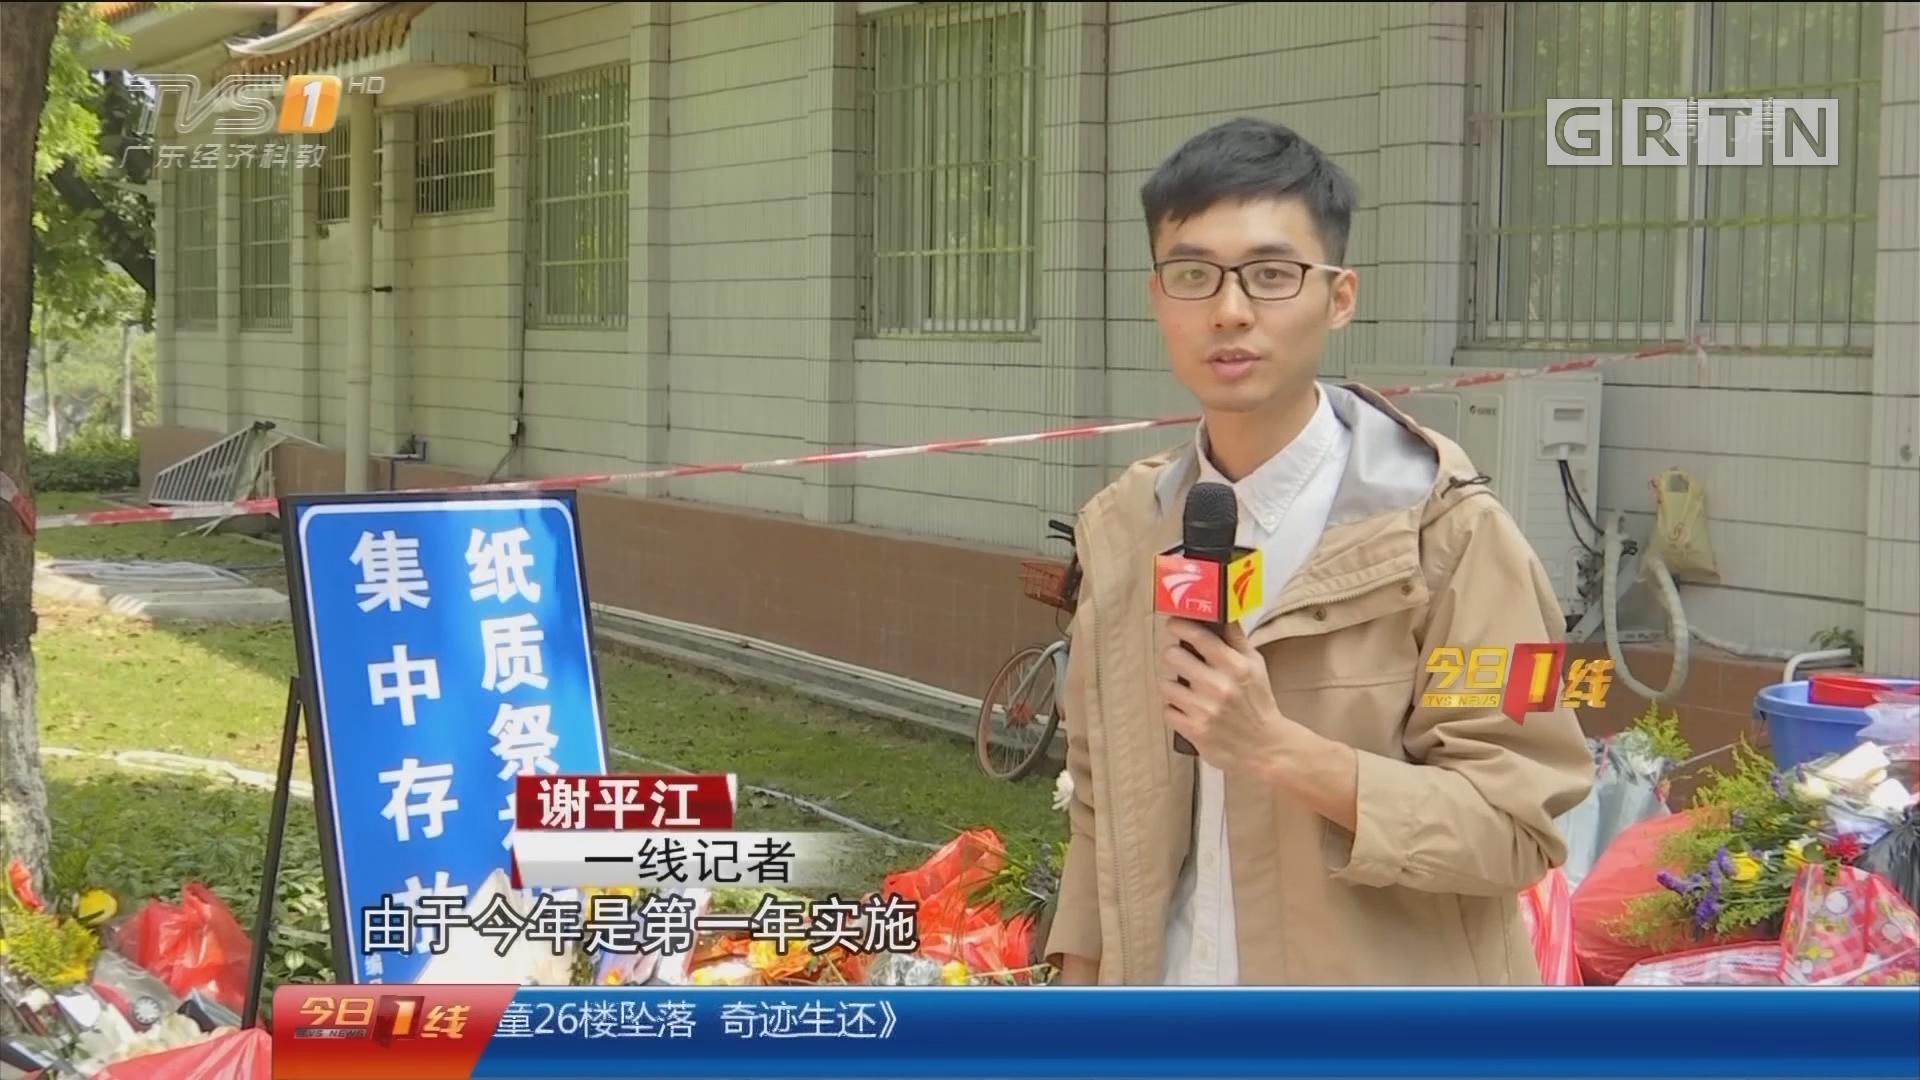 """广州:超百万人""""行正清"""" 早六点就没停车位了"""